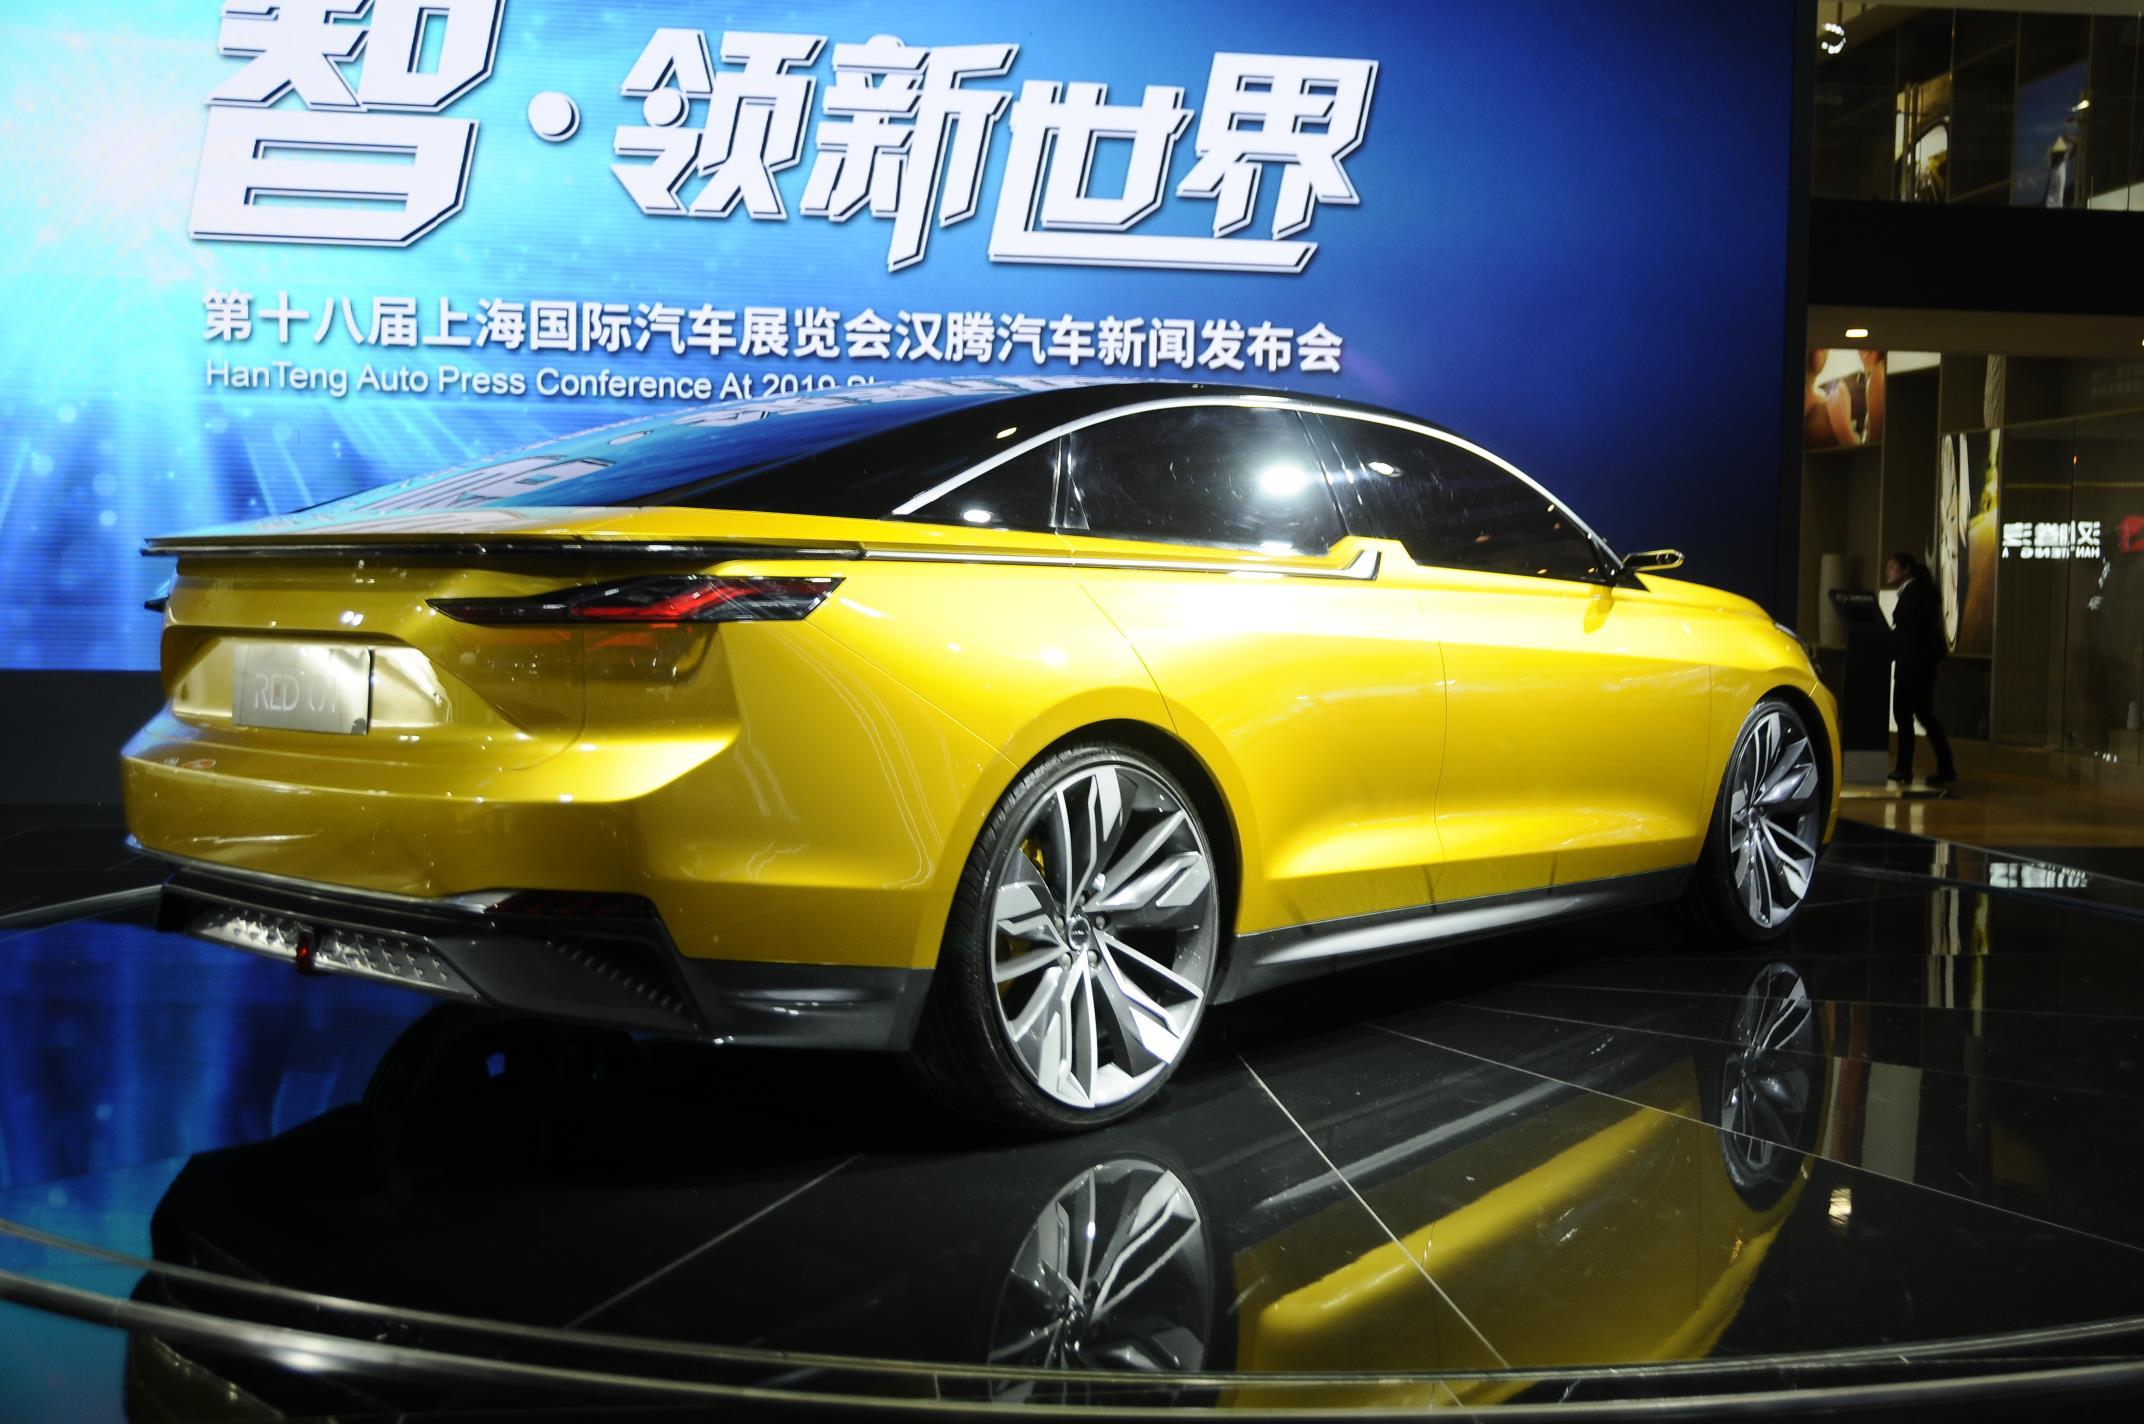 Autosalon van Sanghai 2019